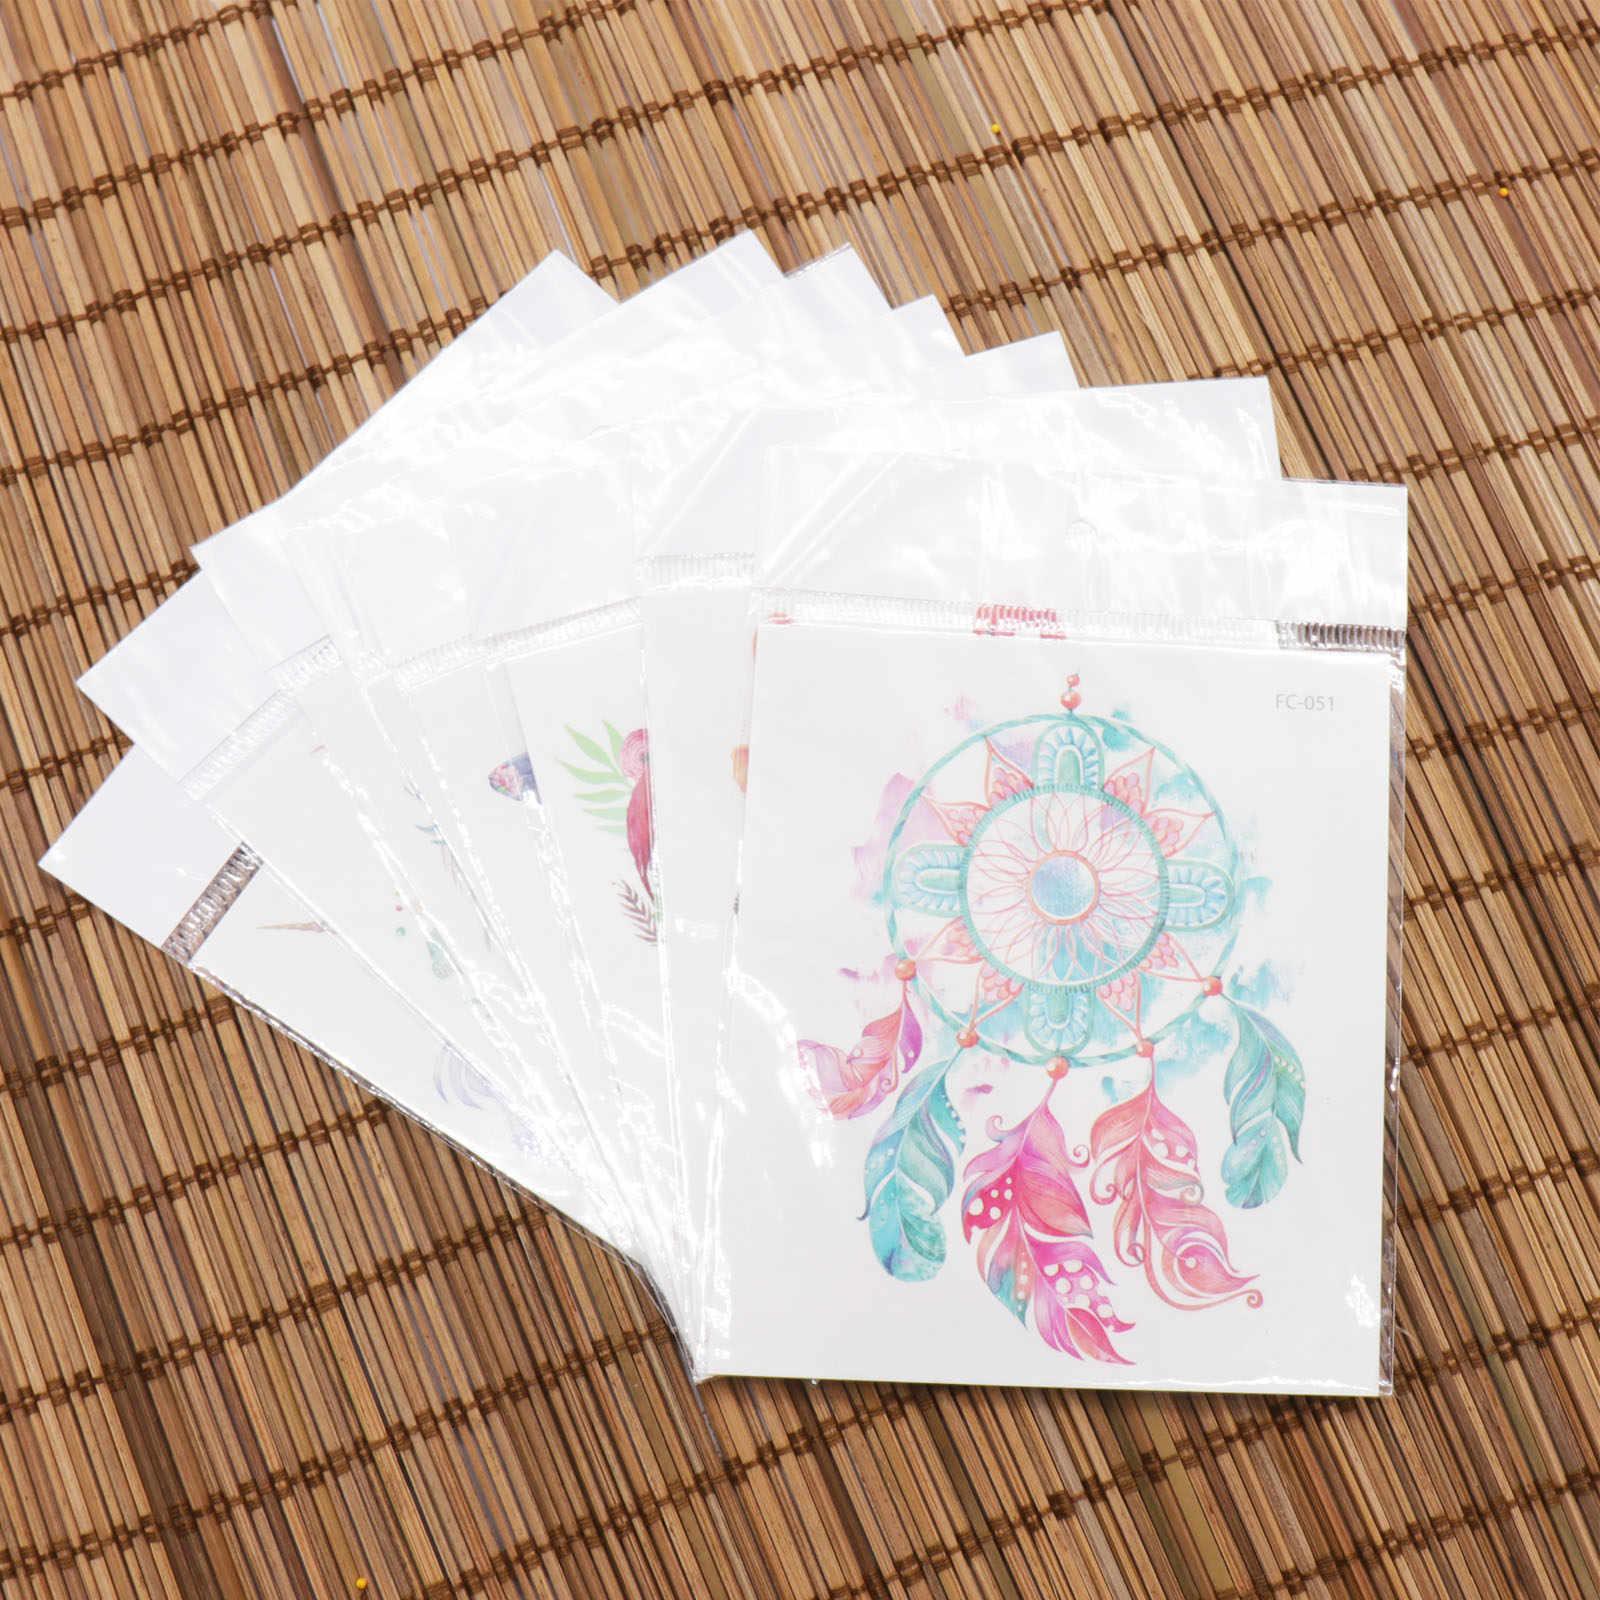 1pcs Del Fumetto Unicorn Flamingo Impermeabile Autoadesivo Del Tatuaggio Temporaneo Corpo Autoadesivo Arte Di Compleanno di Addio Al Nubilato della Festa Nuziale Del Rifornimento